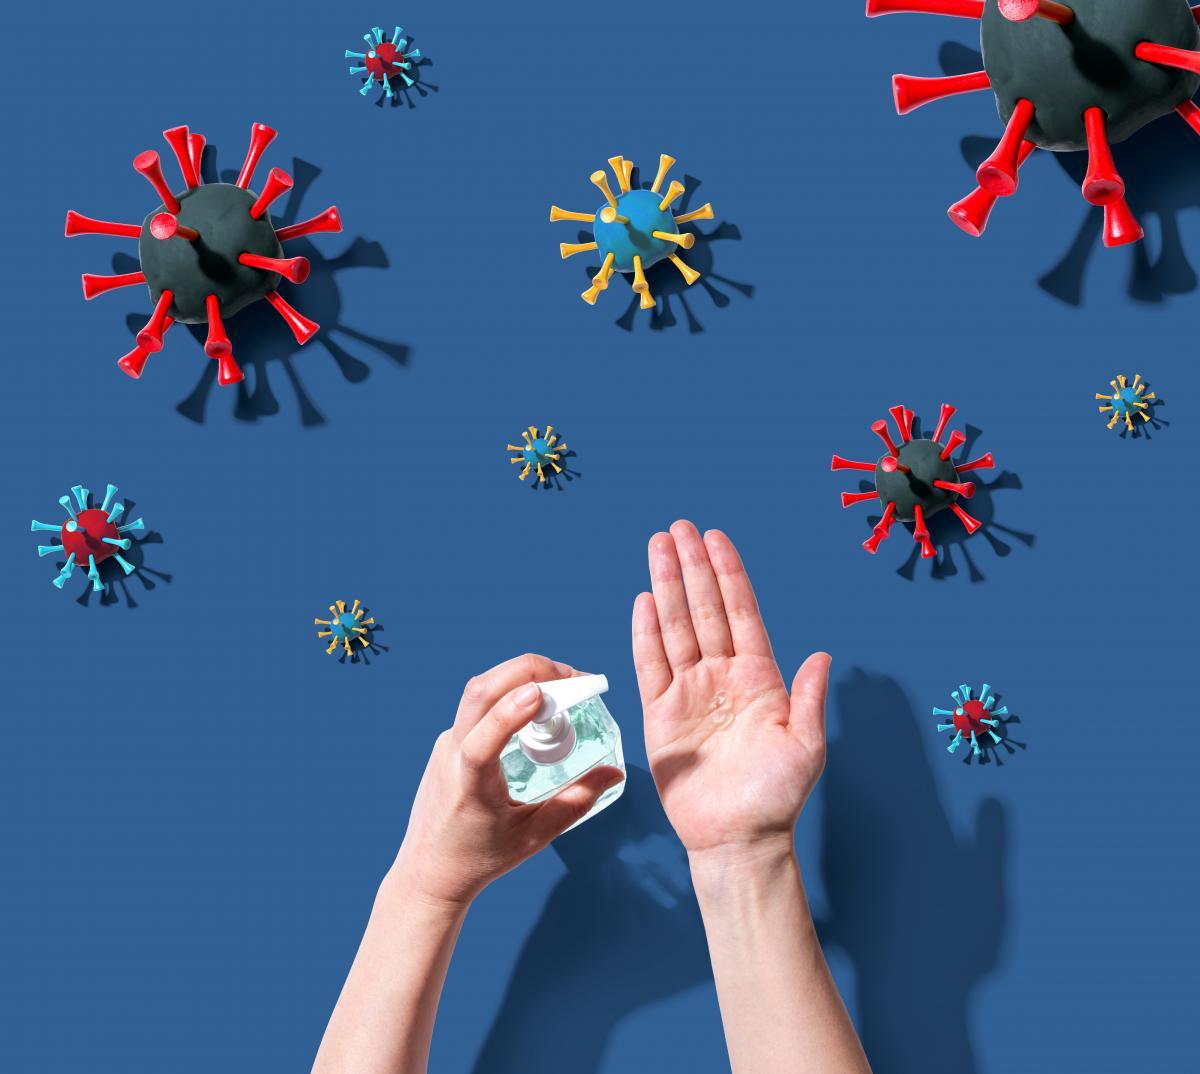 Скорее всего будет третья небольшая волна коронавируса, - астролог / ua.depositphotos.com